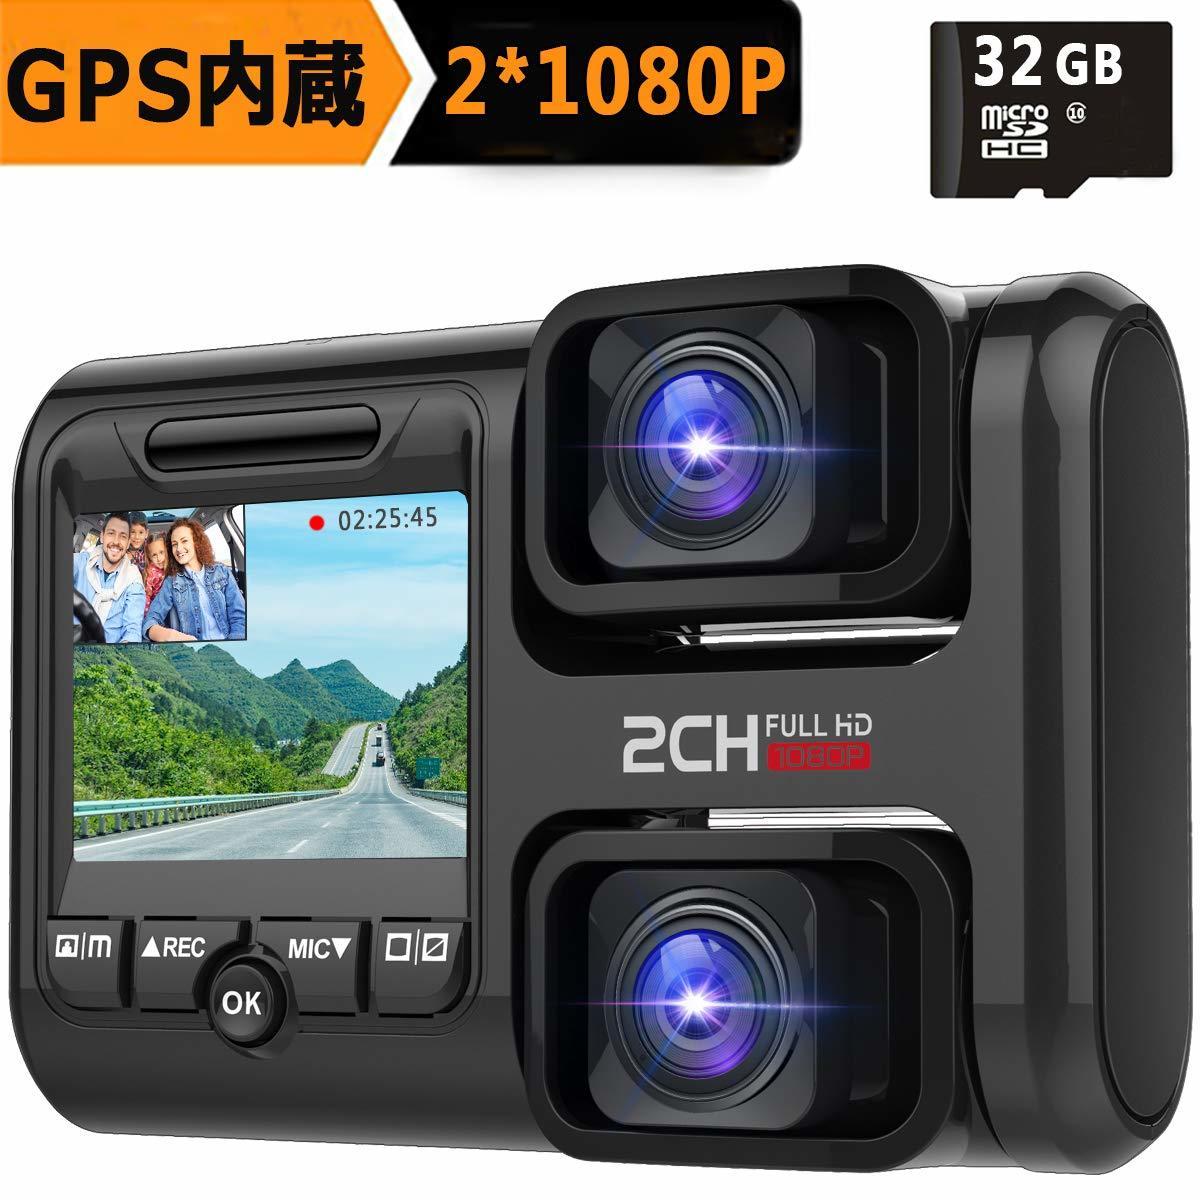 新品未使用 【32Gカード付き】ドライブレコーダー 前後カメラ 1080PフルHD wifi搭載 内蔵GPS sonyセンサー 1200万画素